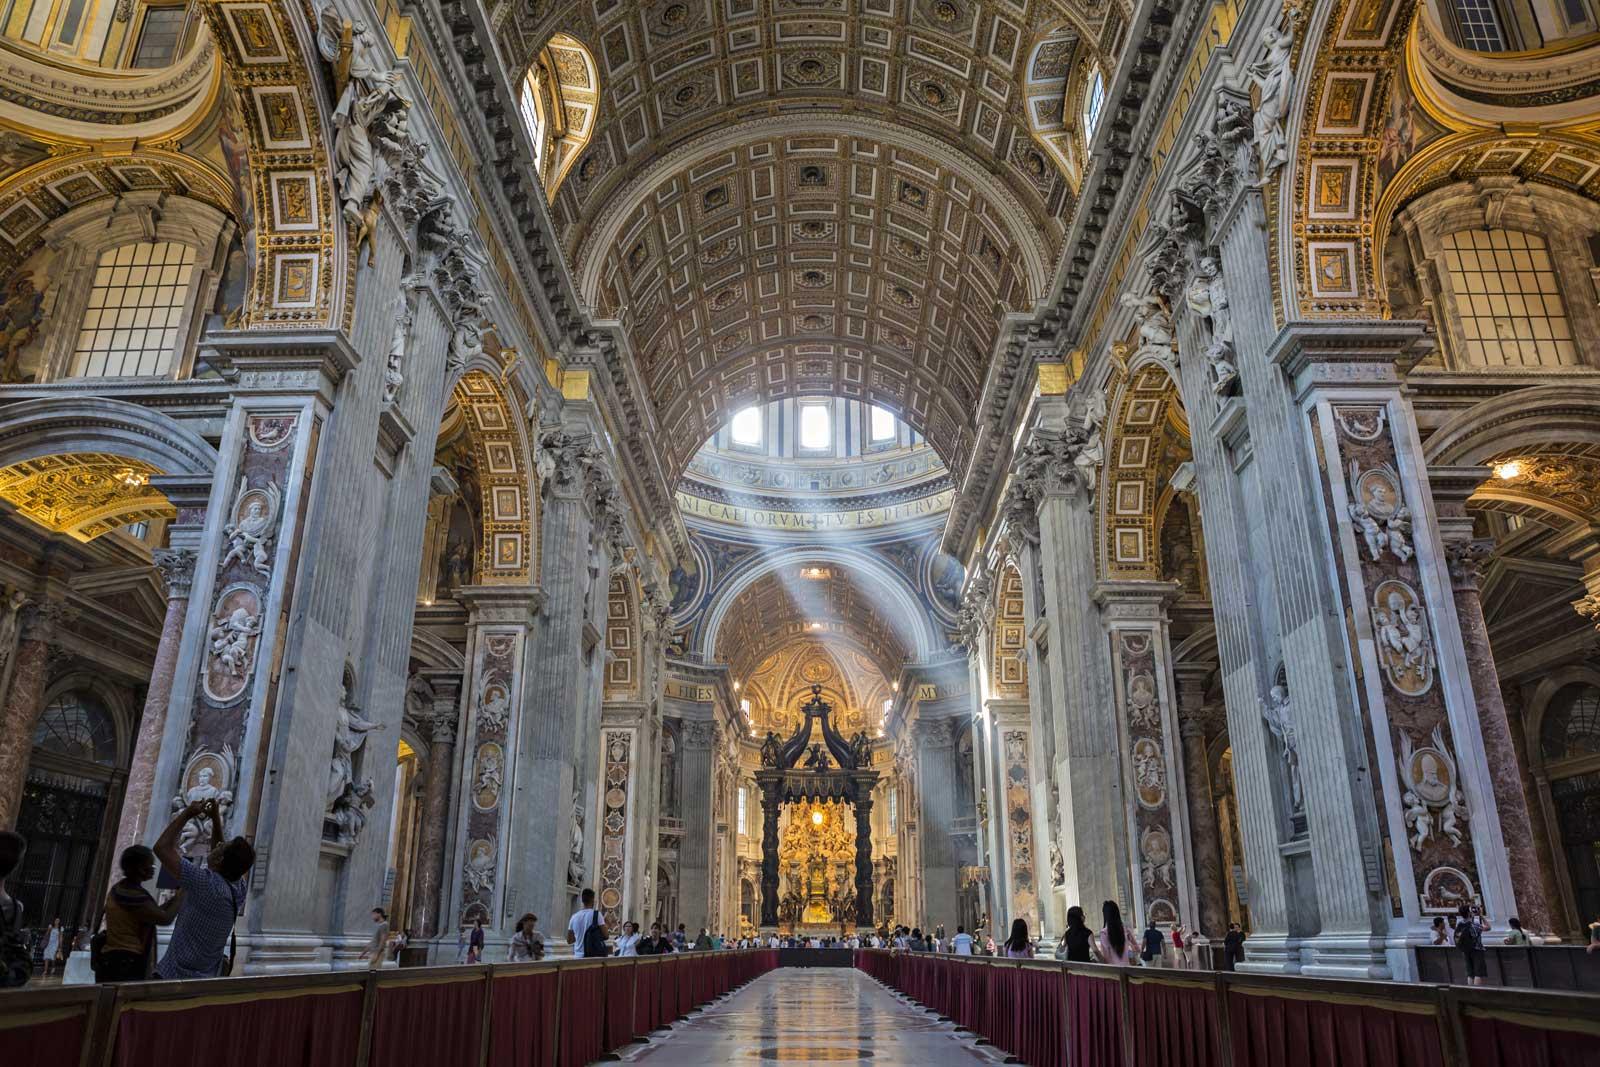 Observez la plus grande église du monde et l'une des plus importantes - la Basilique Saint-Pierre. Cette église de style Renaissance réalisée par Bramante est impressionnante à l'intérieur comme à l'extérieur. Découvrez les nombreux trésors que renferme ce temple religieux qui est l'un des endroits emblématiques de Rome en Italie.